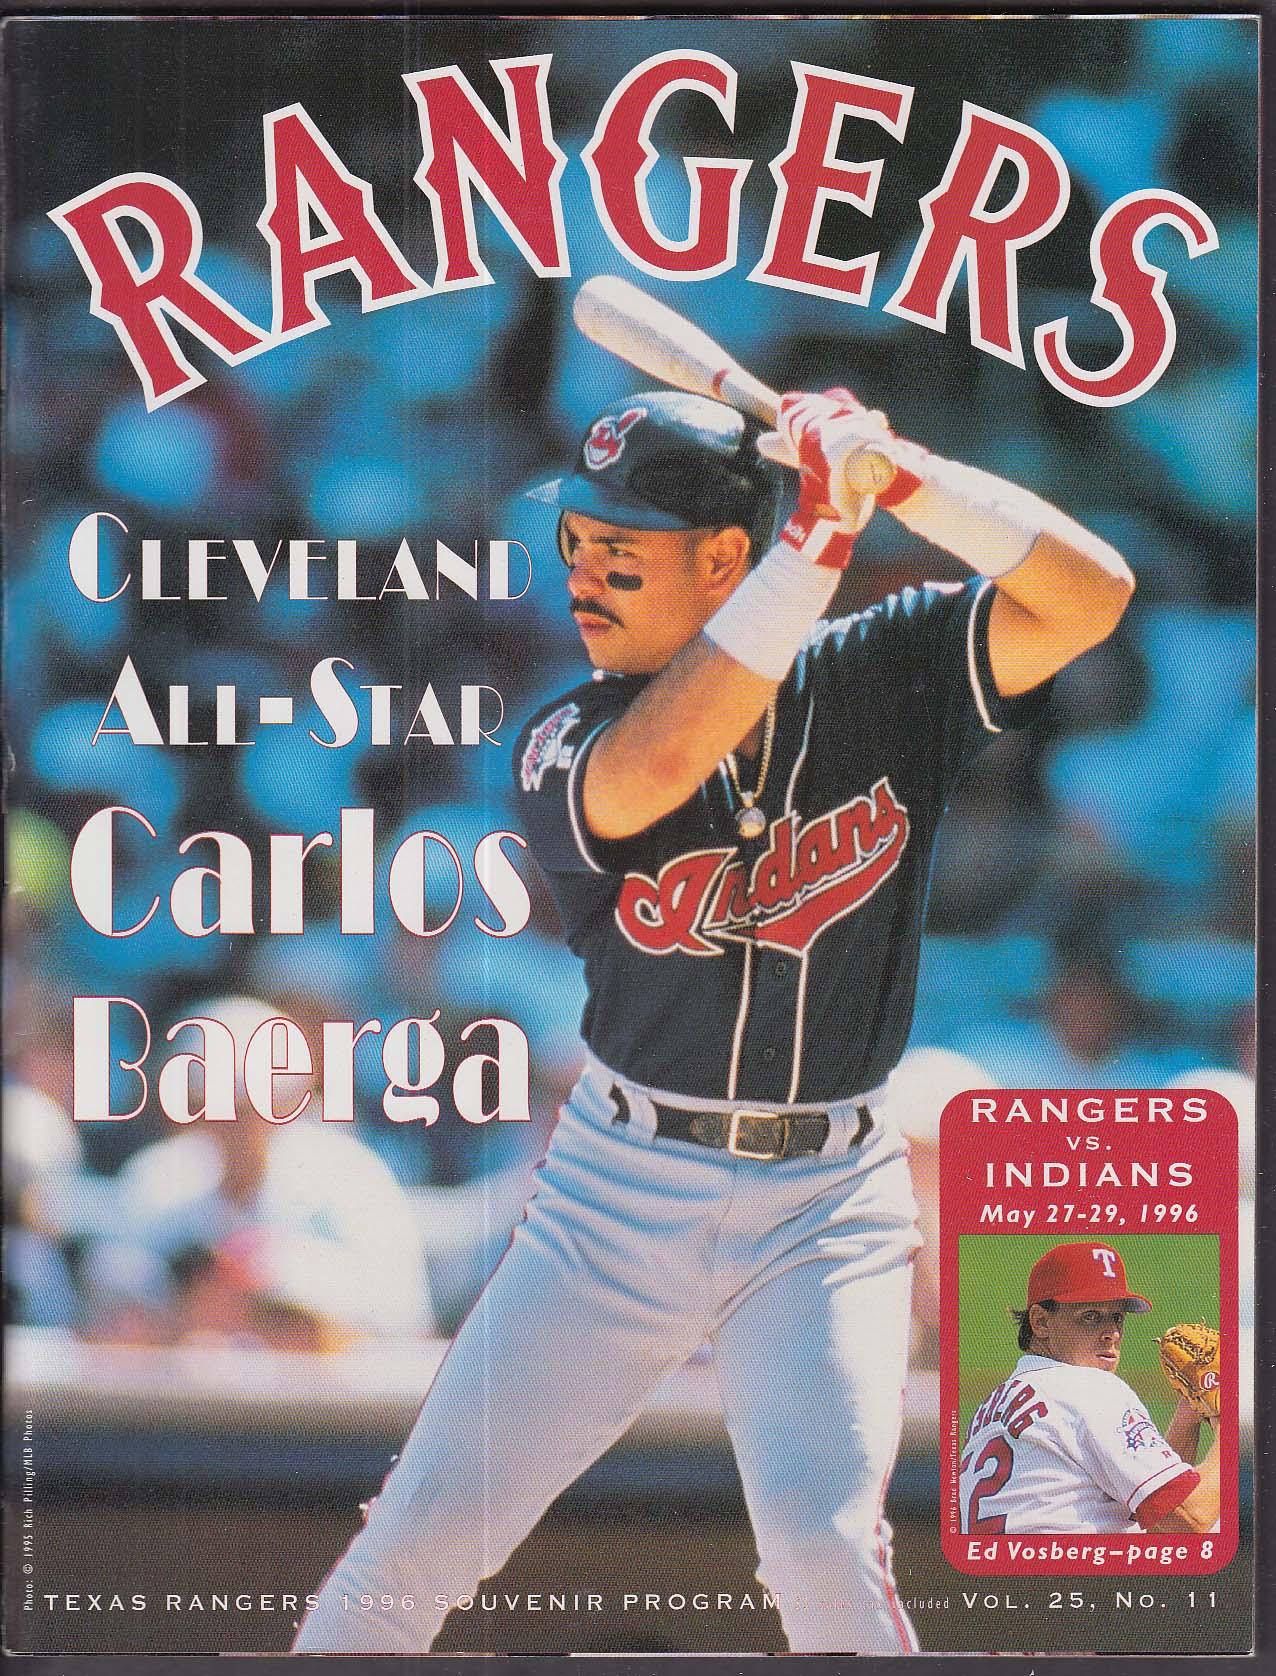 771217e5d2 Texas Rangers 1996 Souvenir Program SCORED vs Cleveland Indians